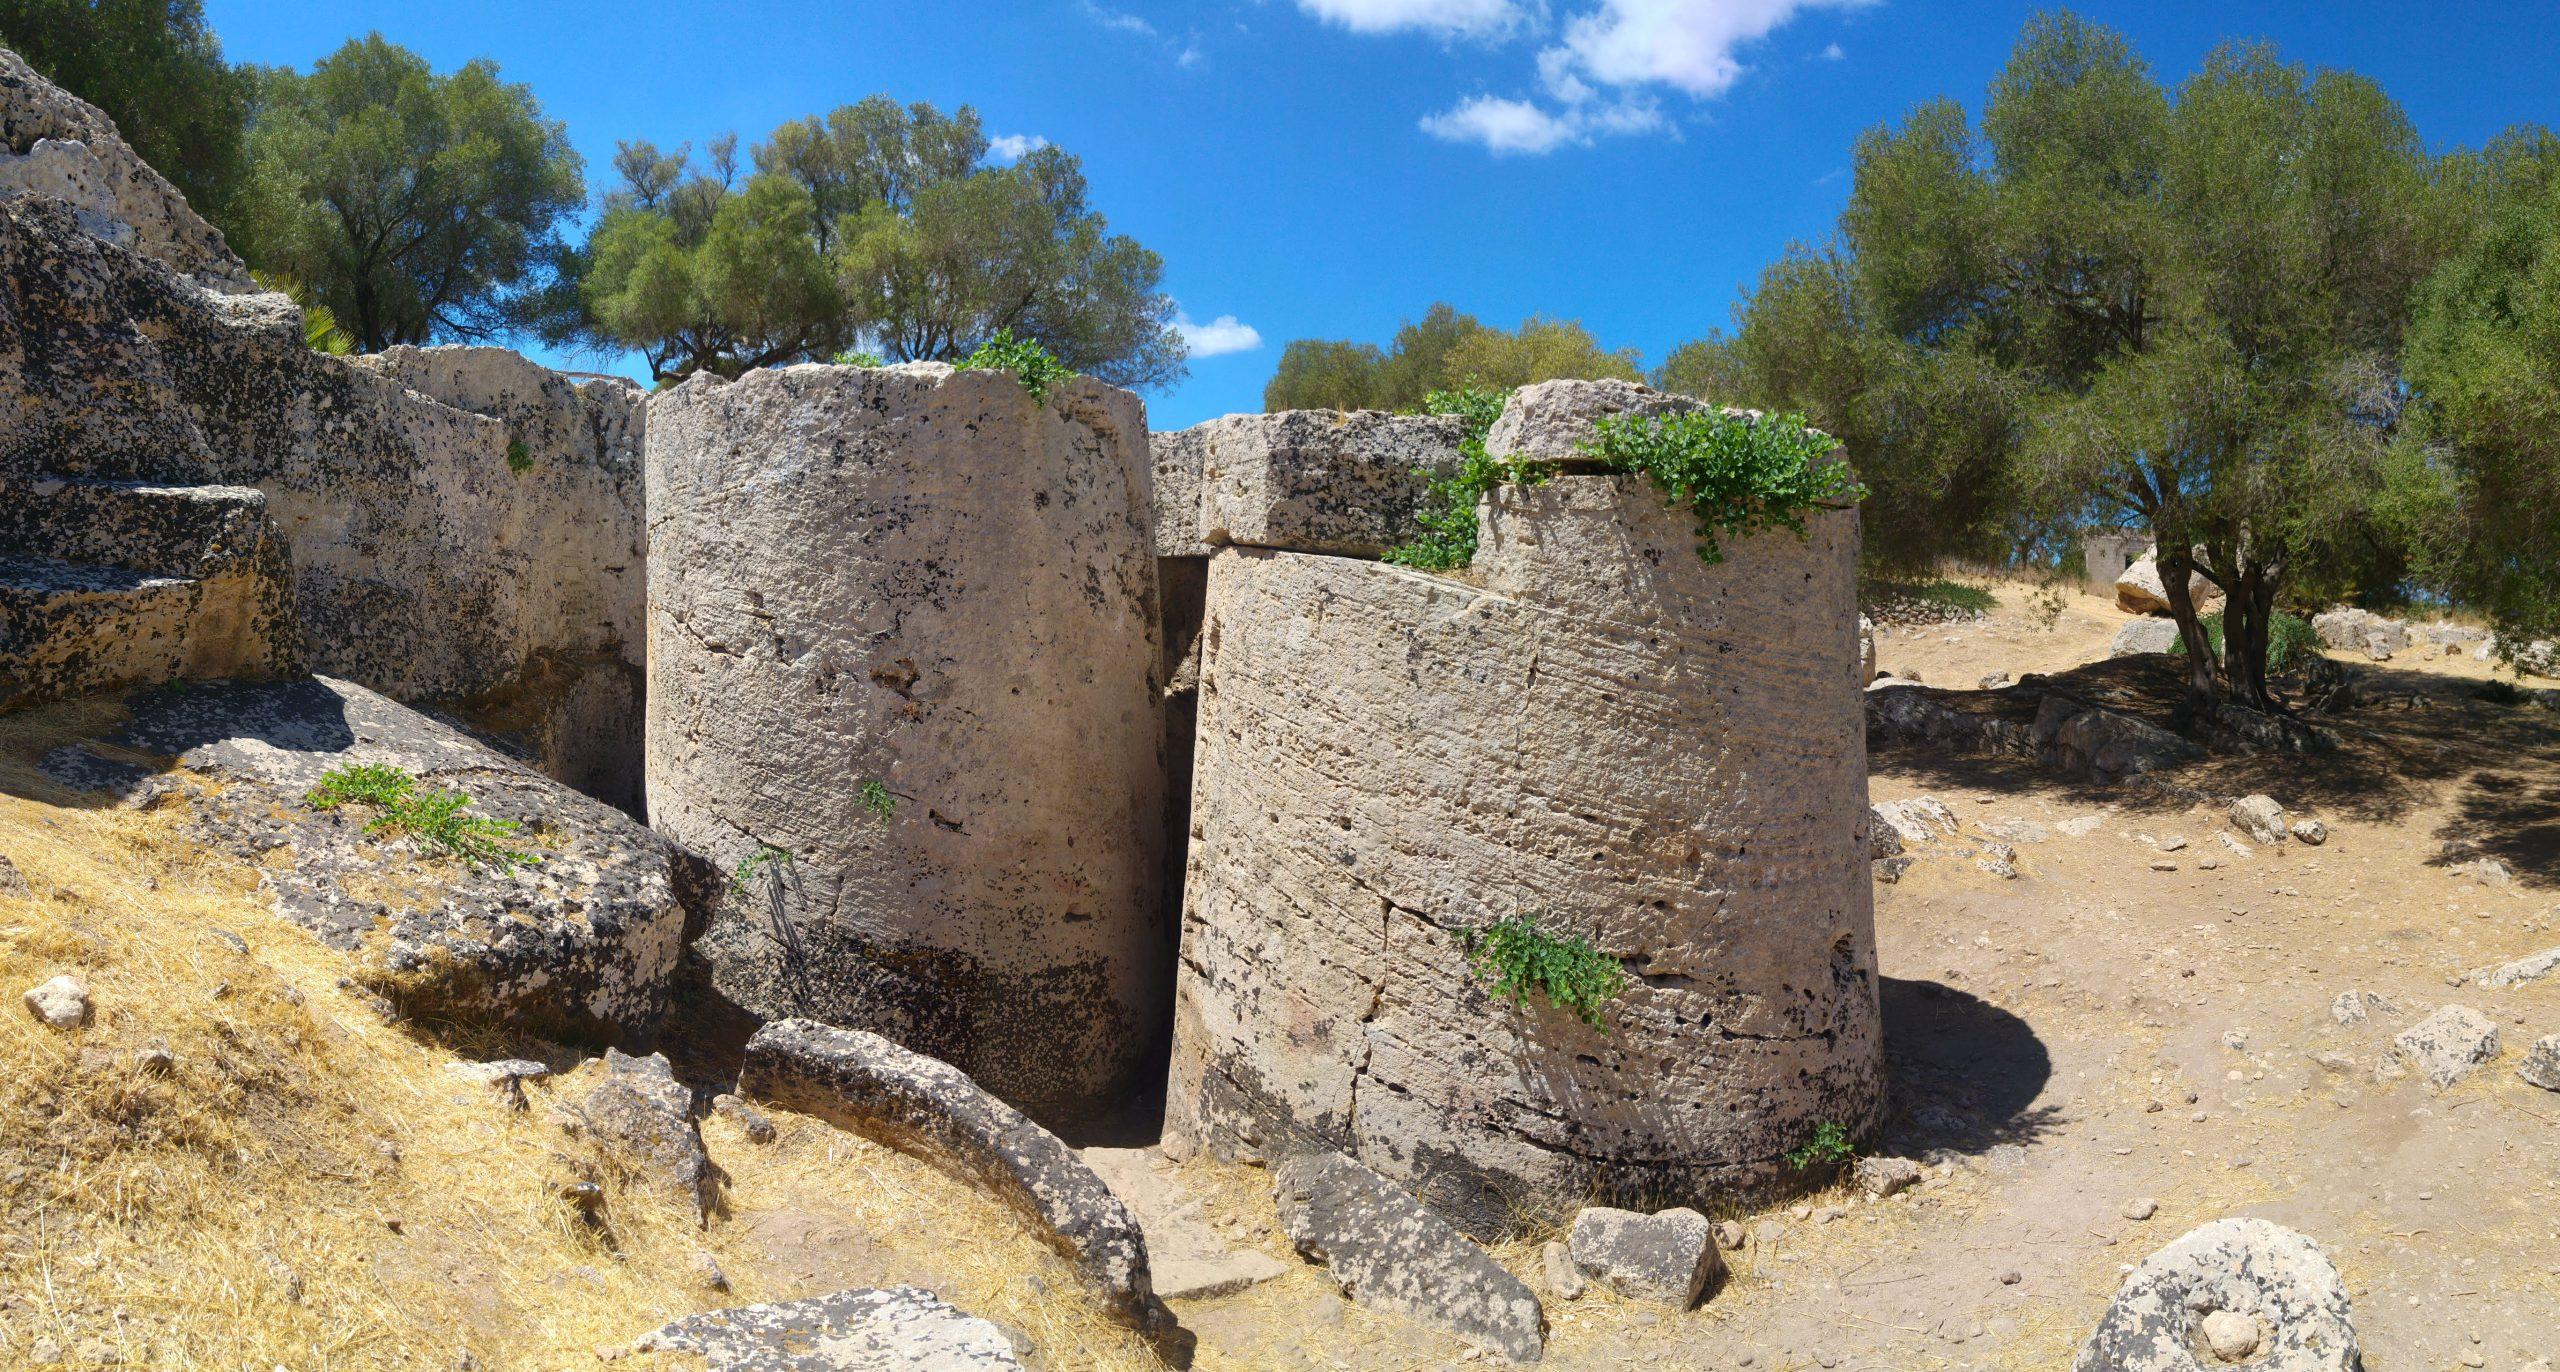 pezzi di colonna greca appena estratti dalle roccie